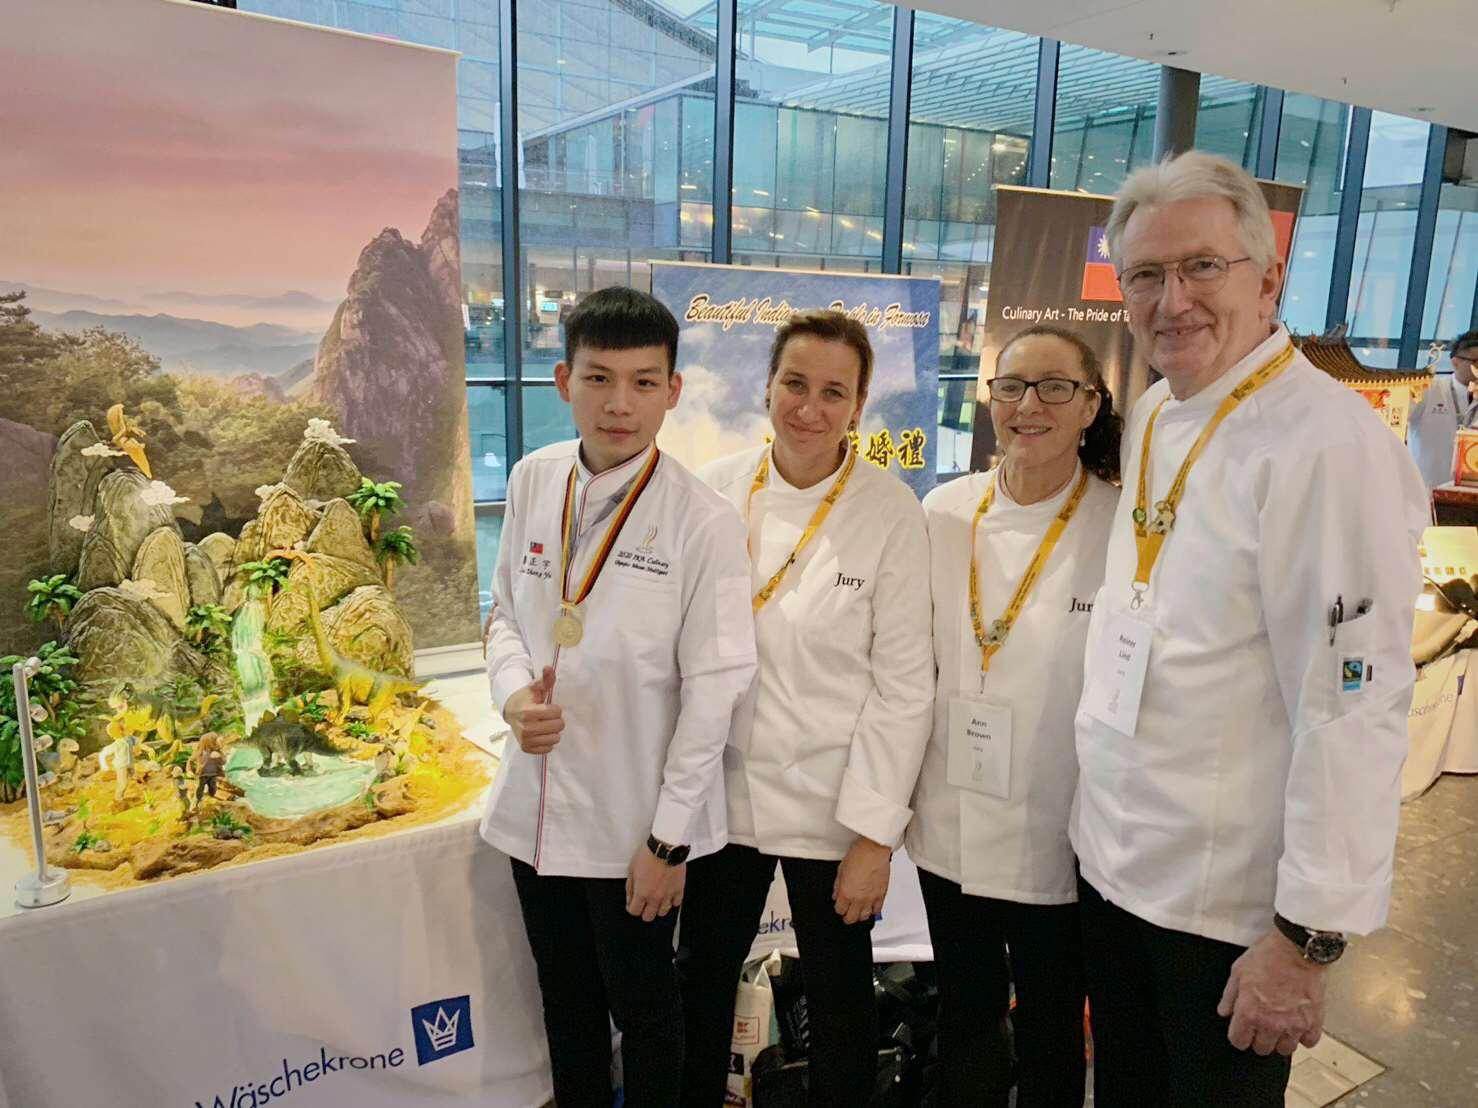 雲林子弟廖正宇 勇奪德國奧林匹克廚藝大賽金牌(圖為廖同學提供)